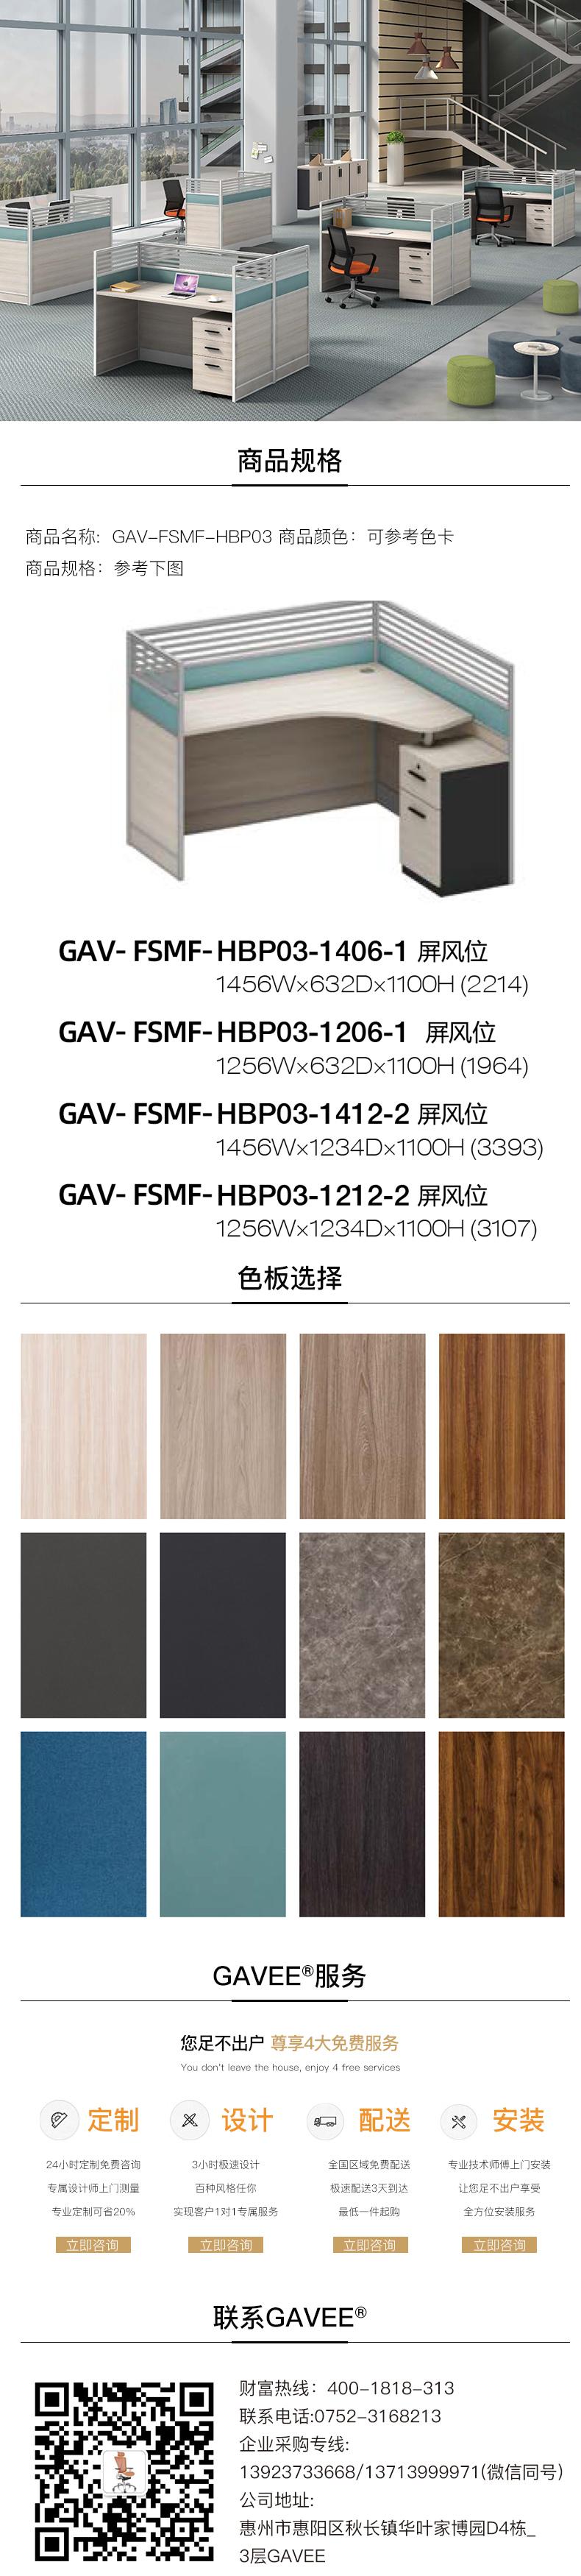 屏風卡位系統GAV-FSMF-HBP03.jpg